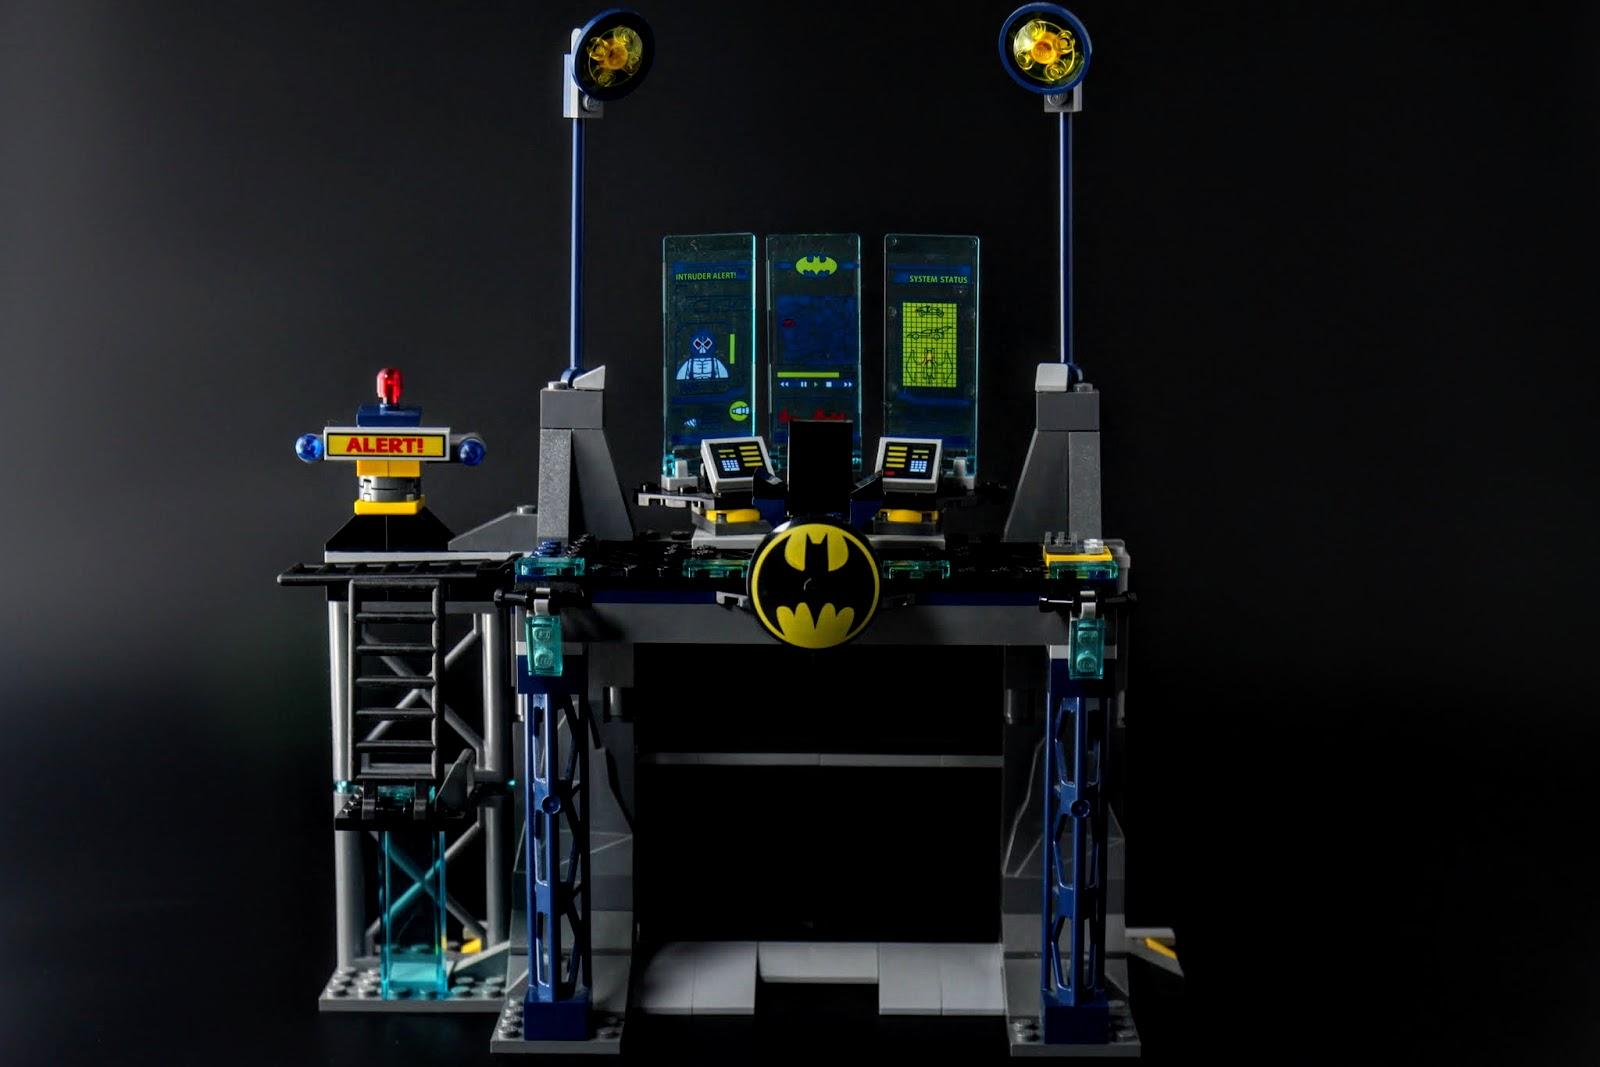 蝙蝠洞第一部分:主控台與大門